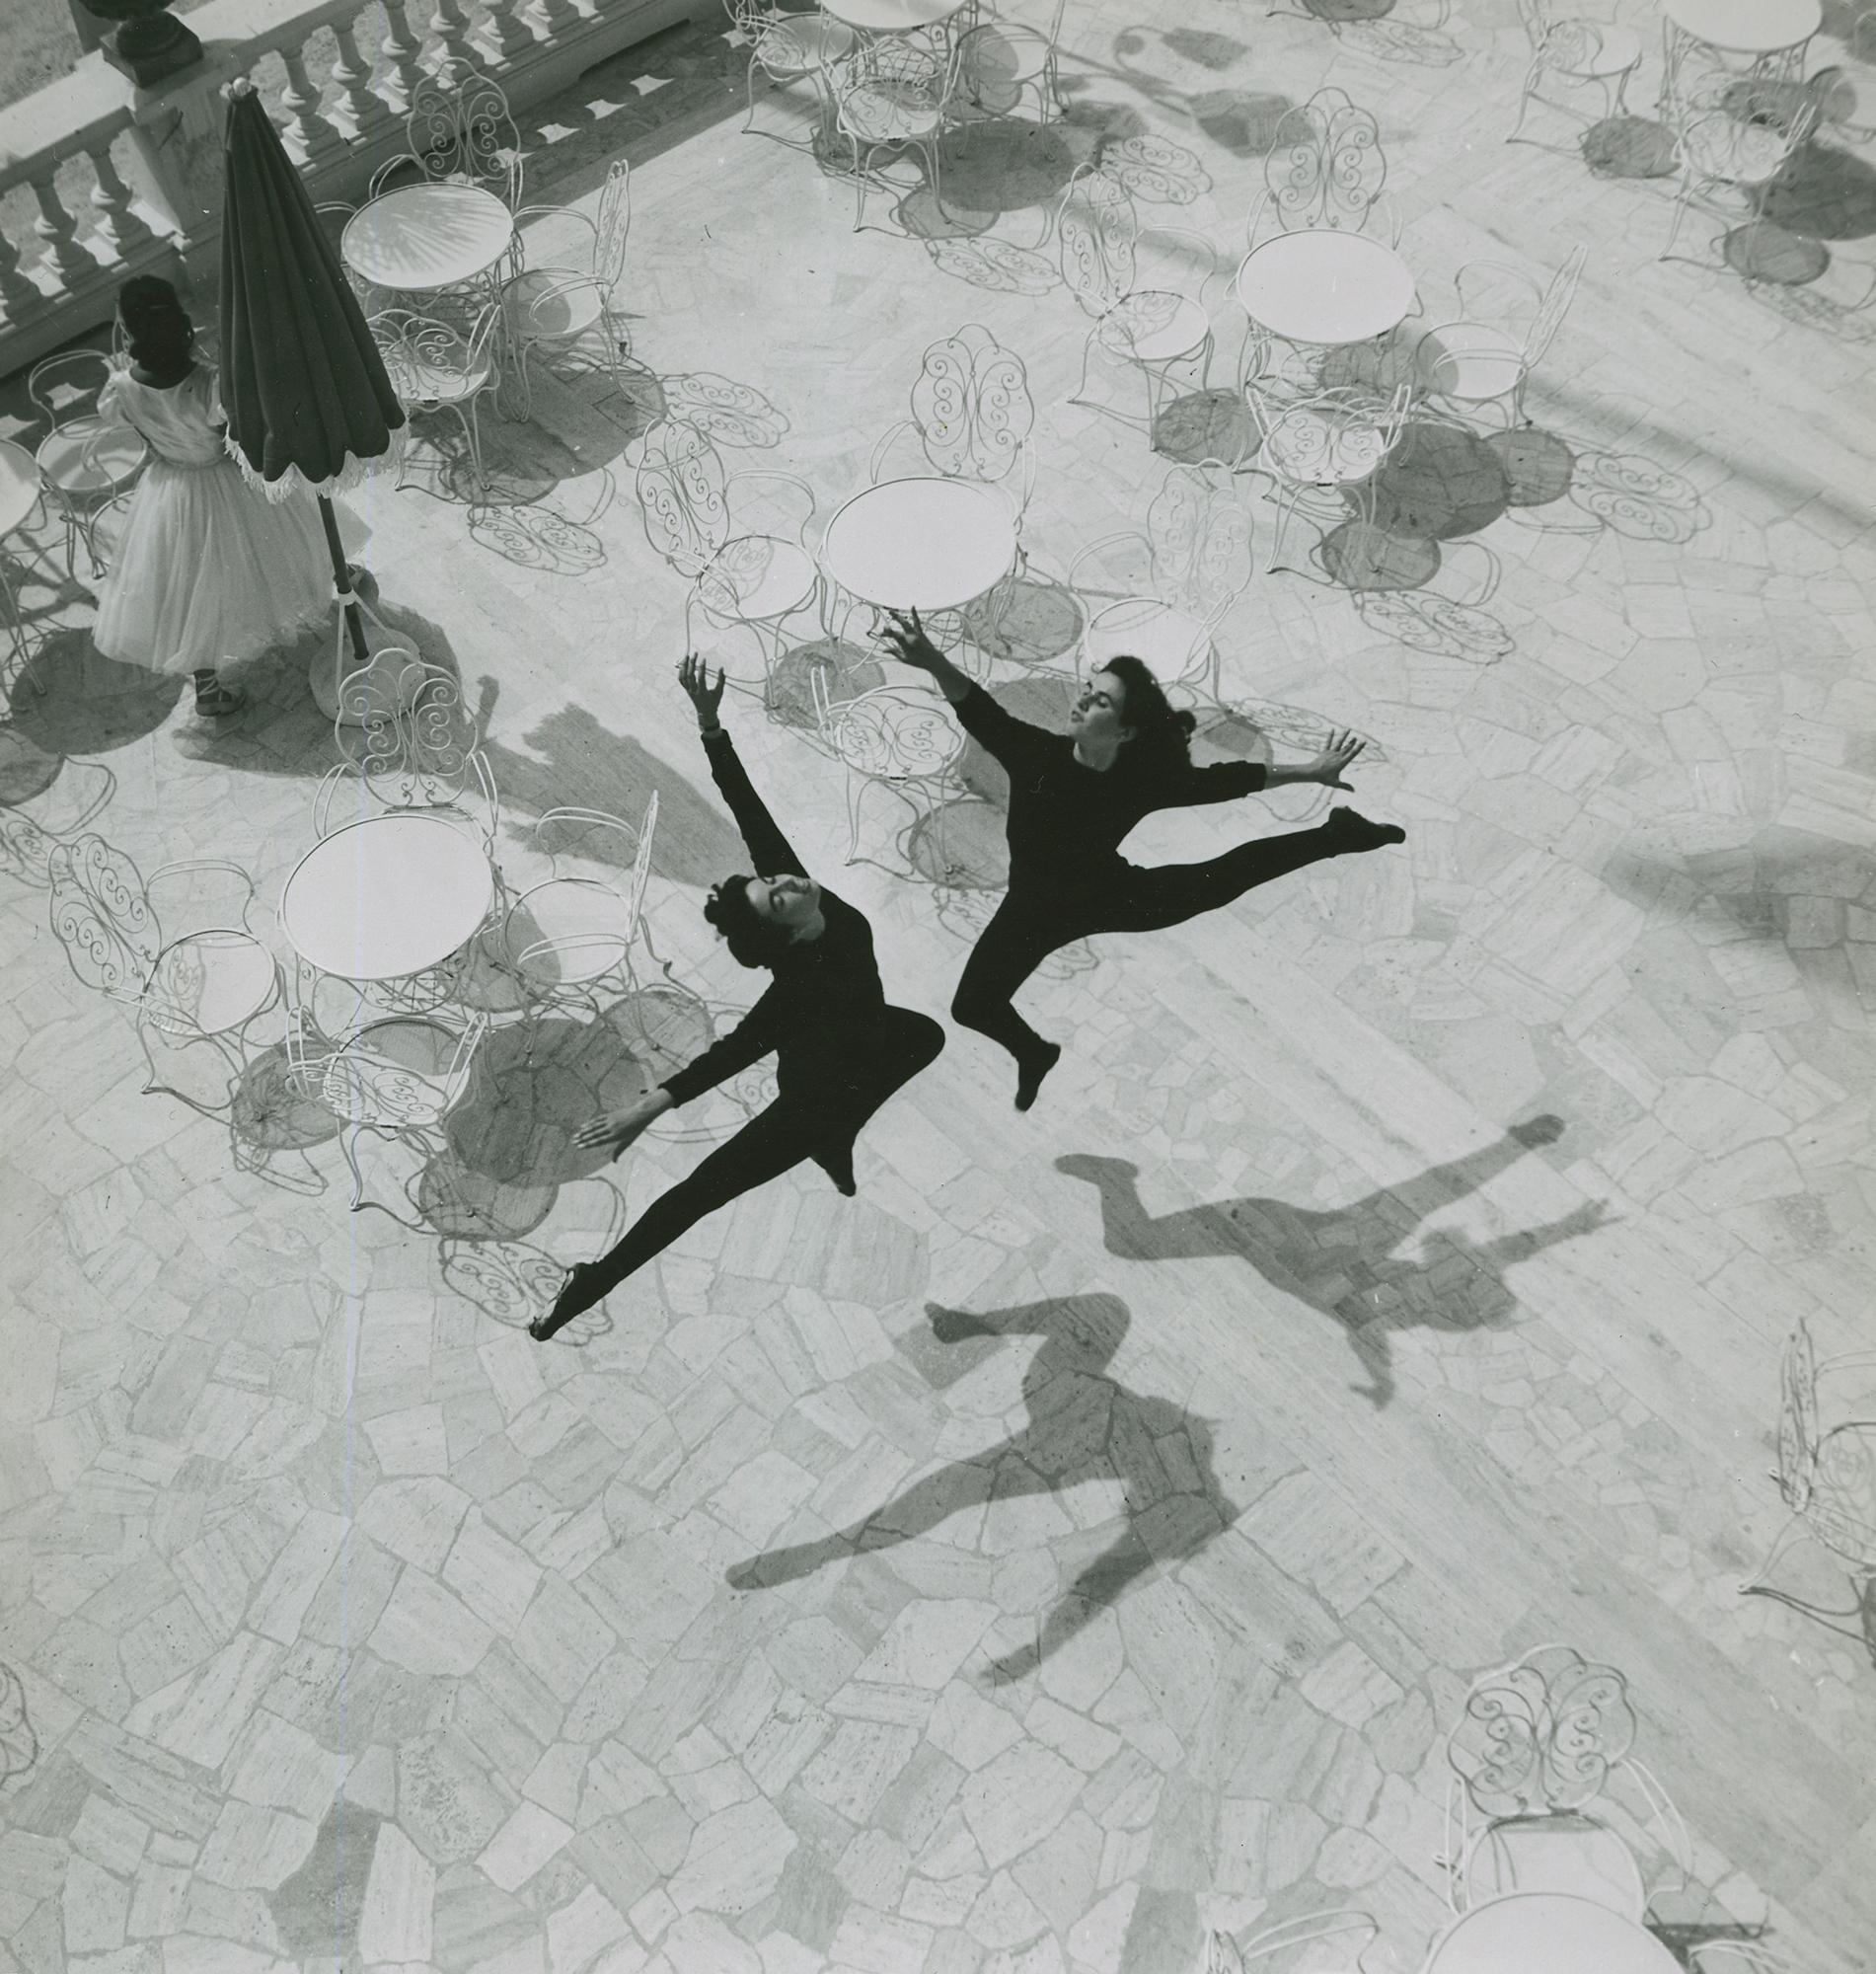 Fotó: Mario de Biasi: Rimini, 1953 © Mario de Biasi/Mondadori Portfolio